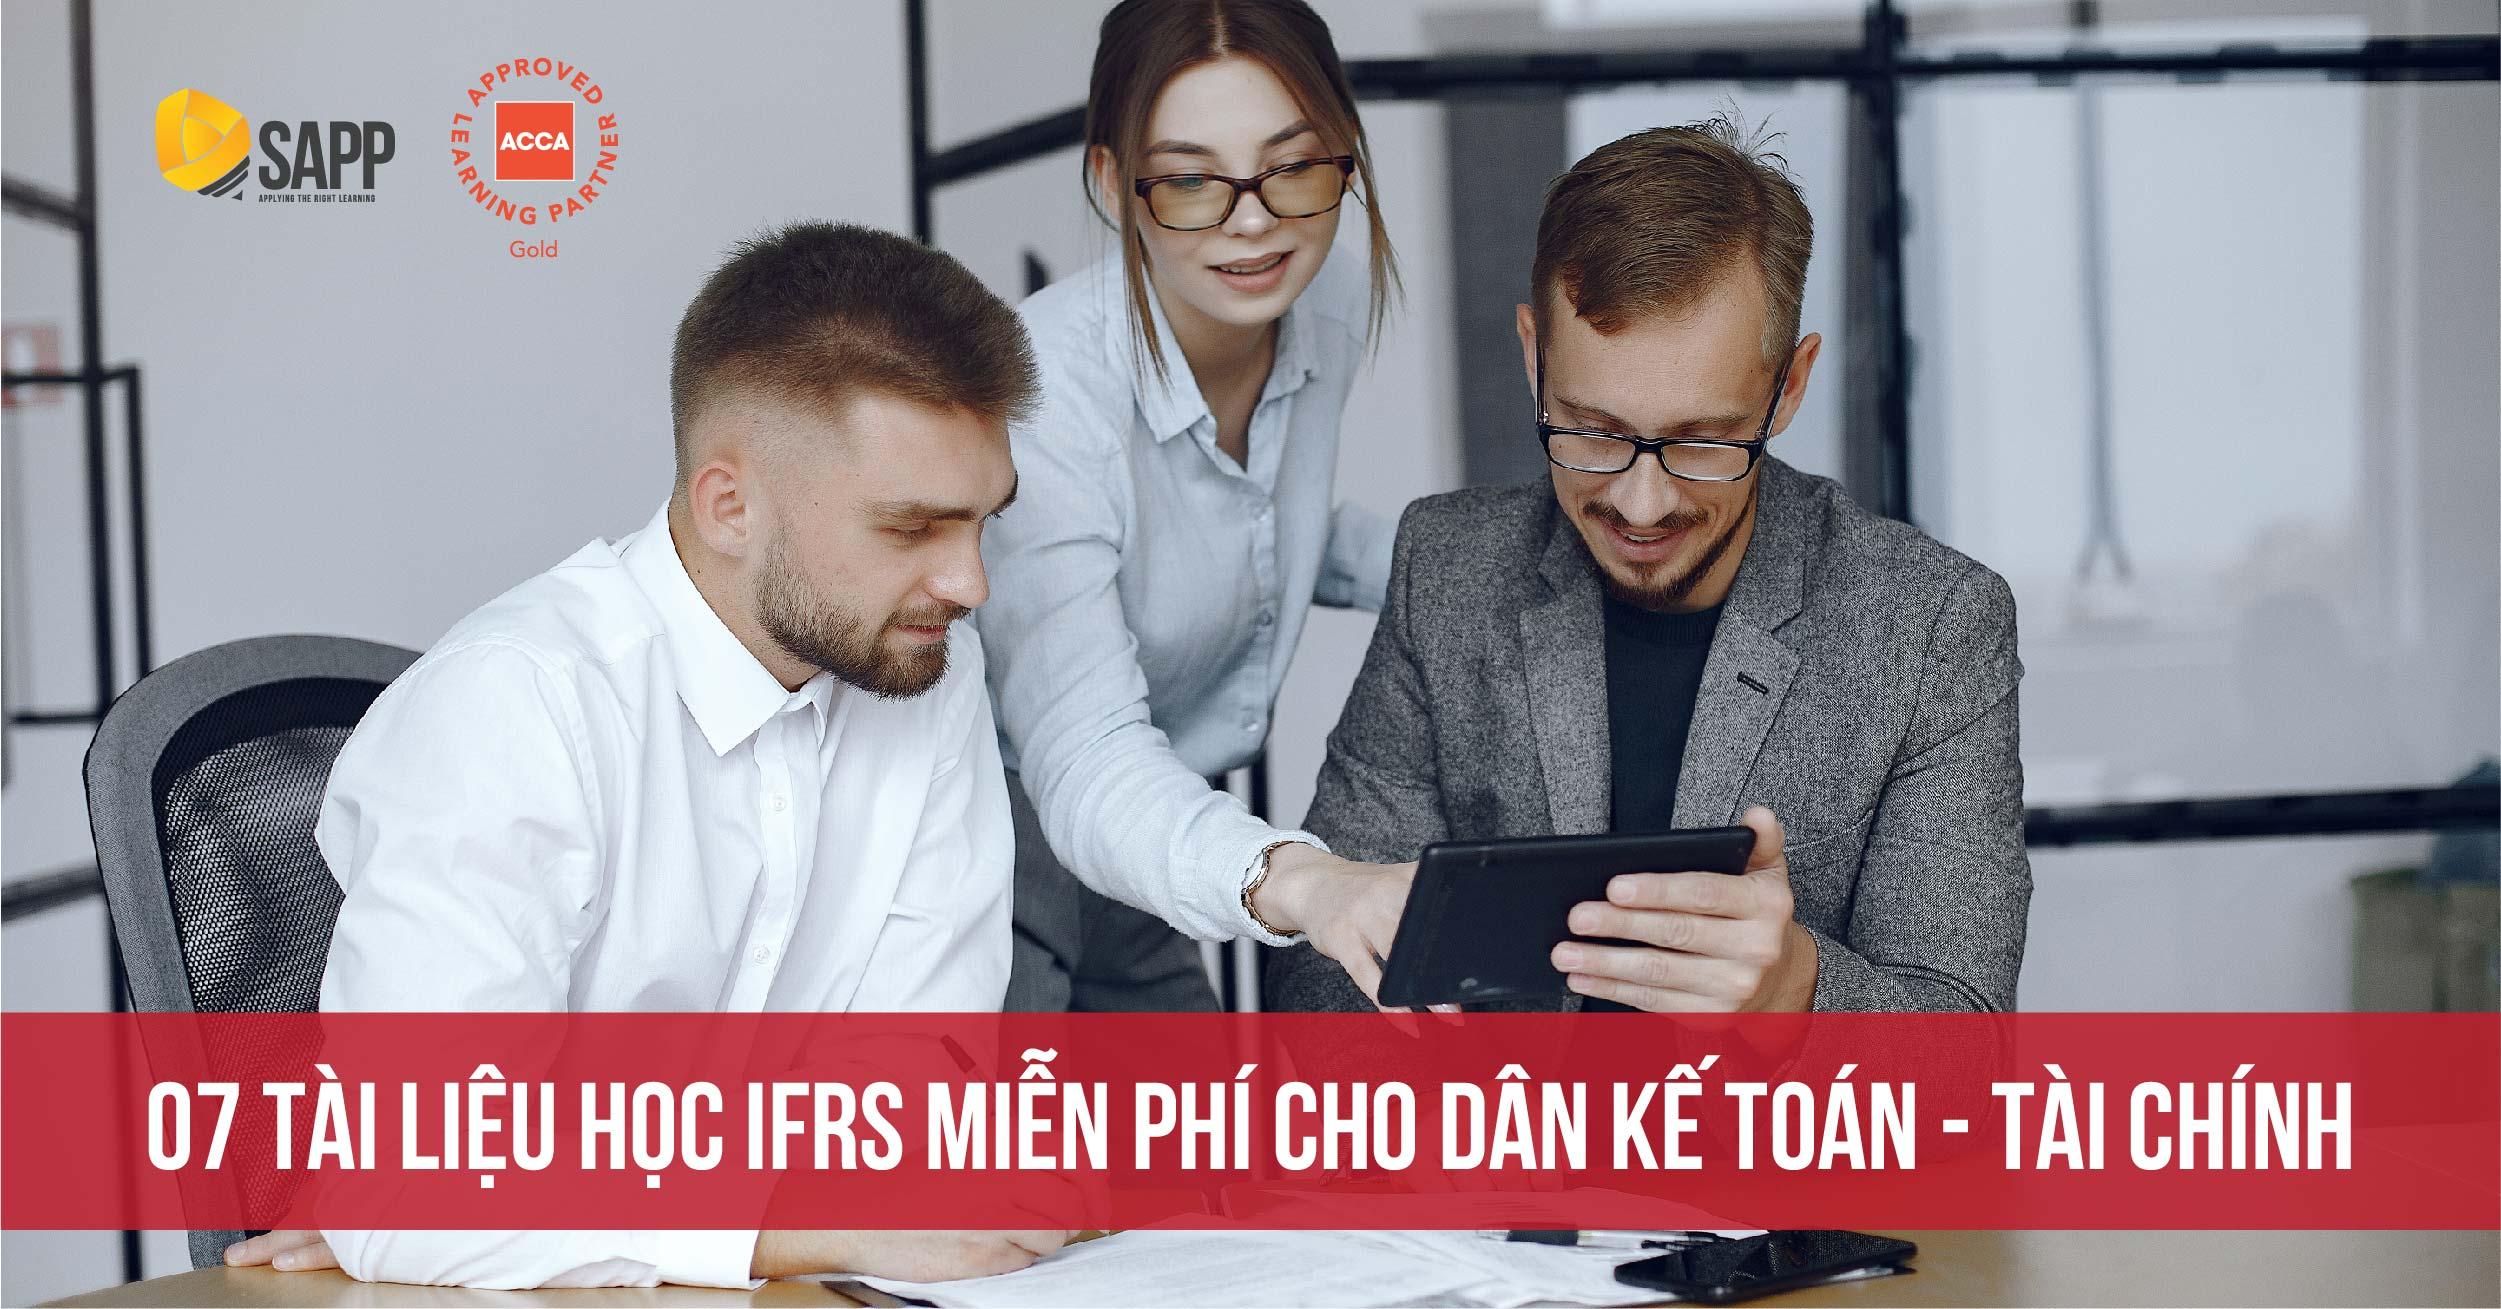 [HOT] 7 Tài Liệu Học IFRS Miễn Phí Cho Dân Kế Toán - Tài chính